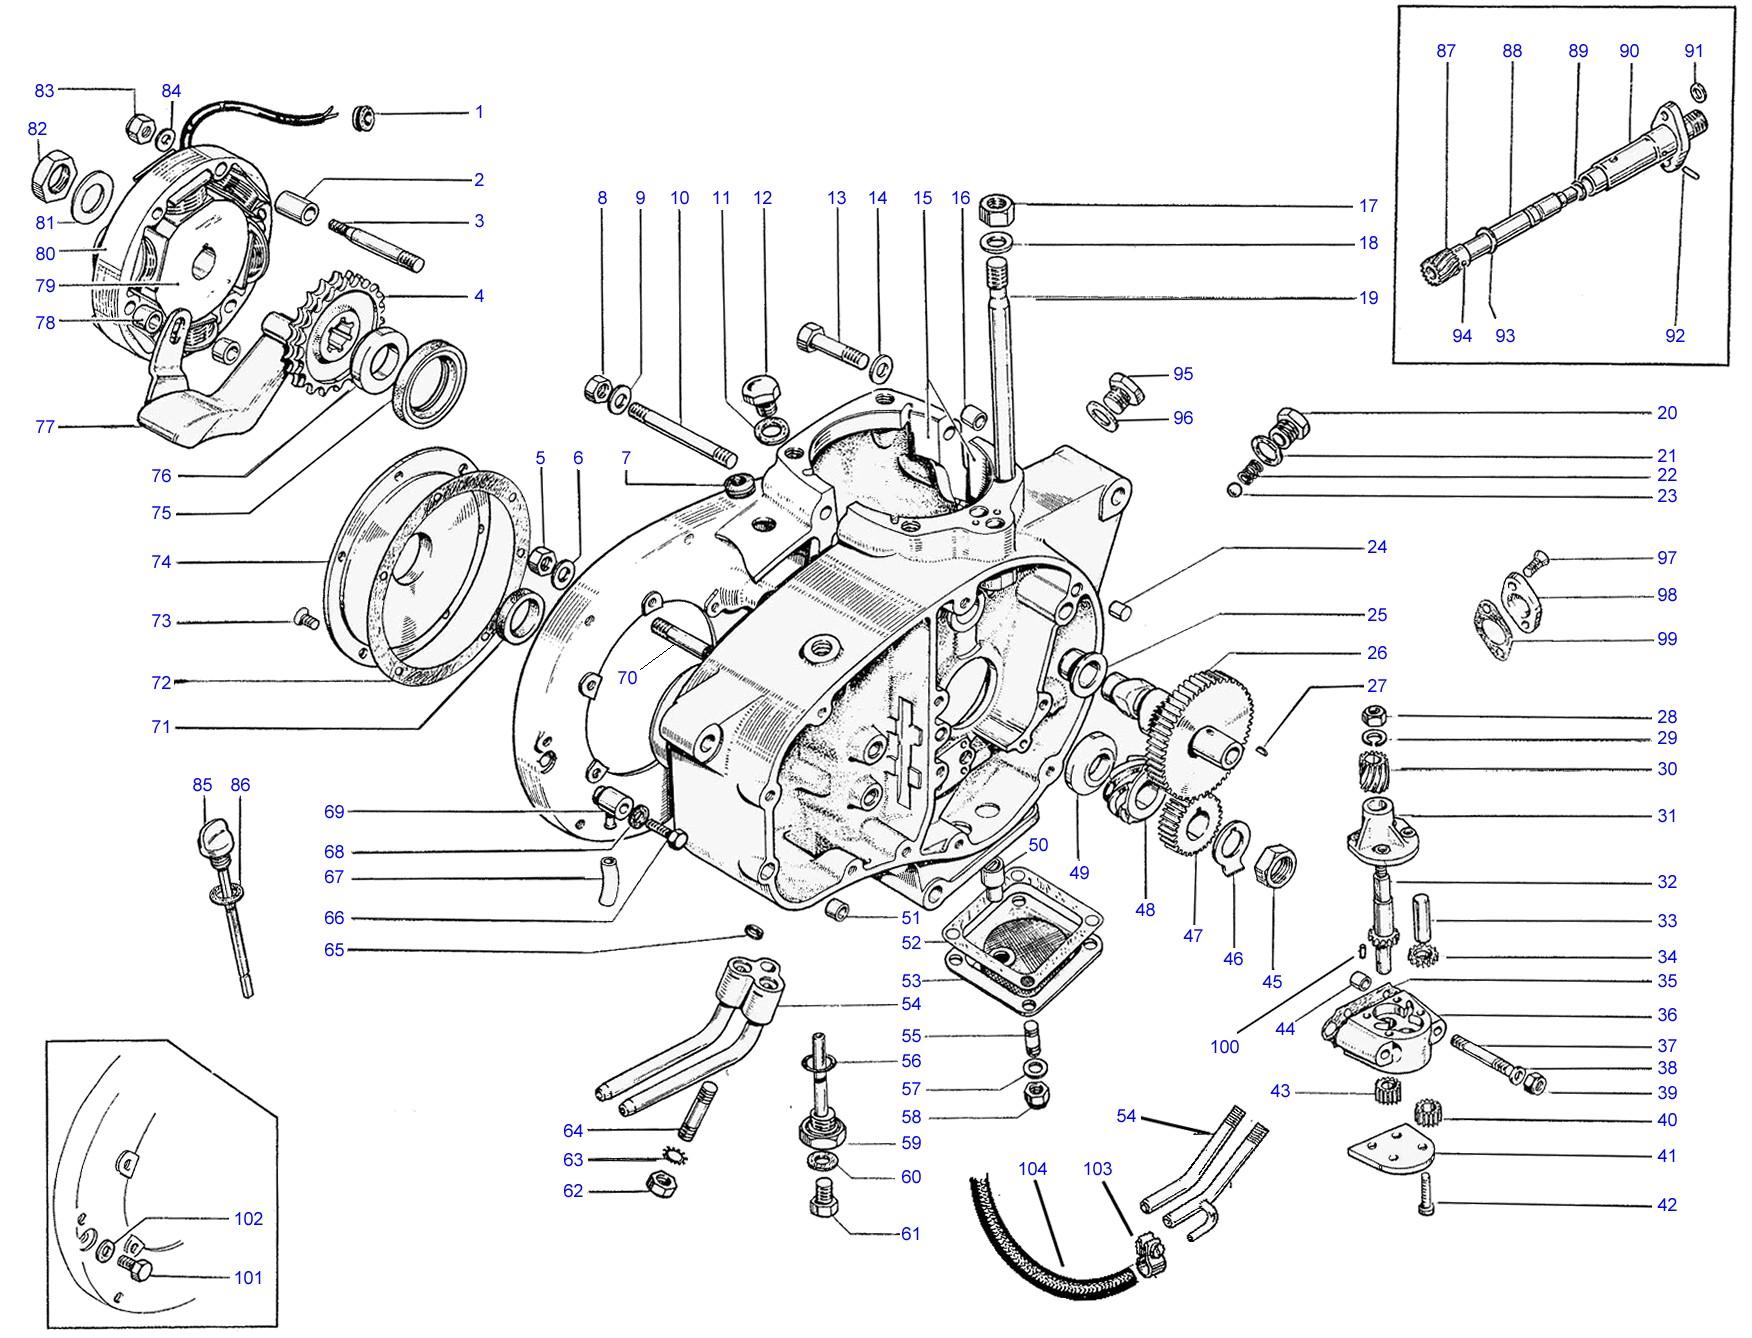 Bsa C15 Engine Diagram Crankcase Of Bsa C15 Engine Diagram